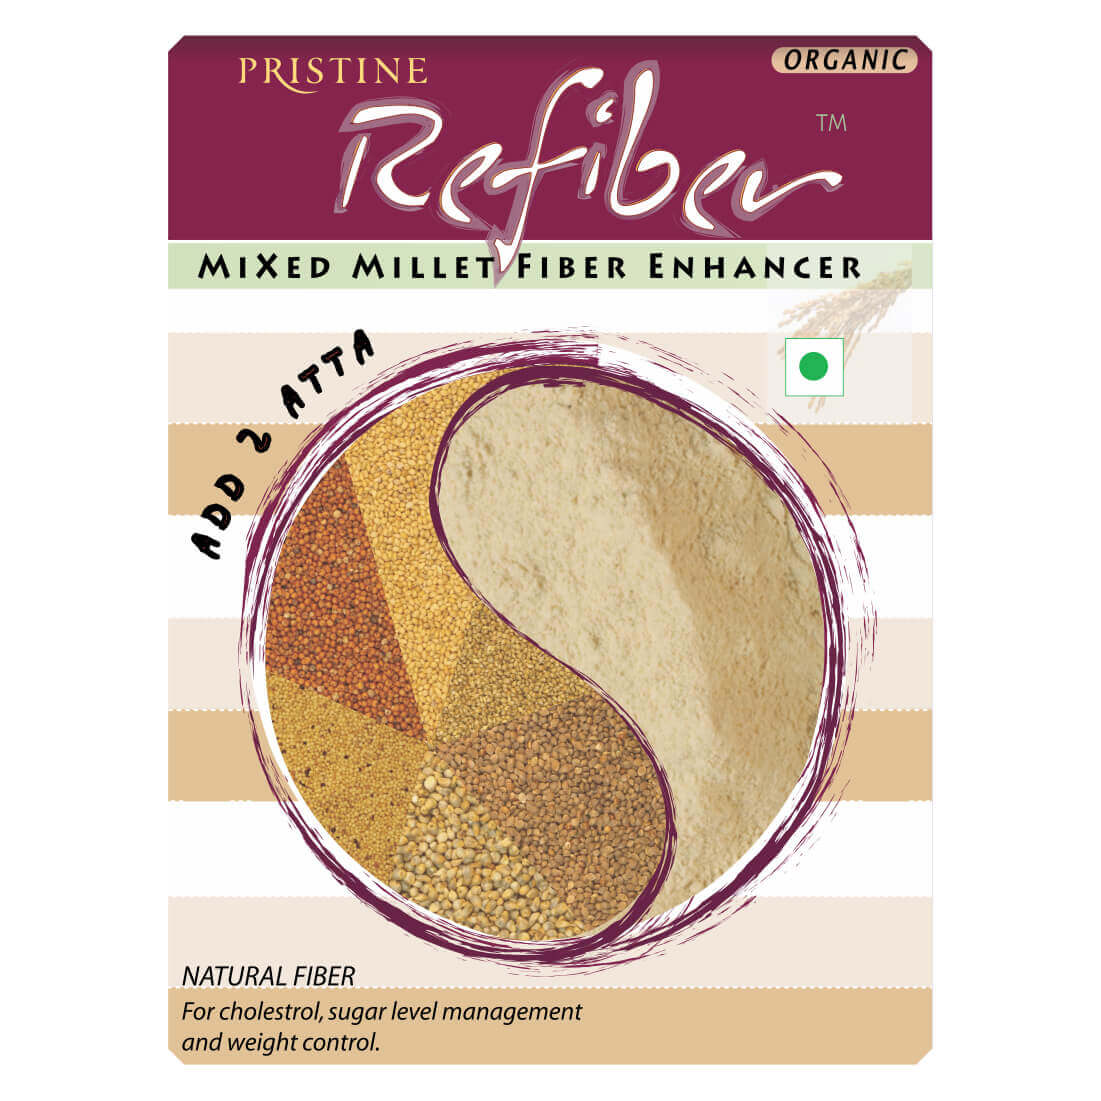 Refiber - Oragnic Mixed Millet Fiber Enhancer